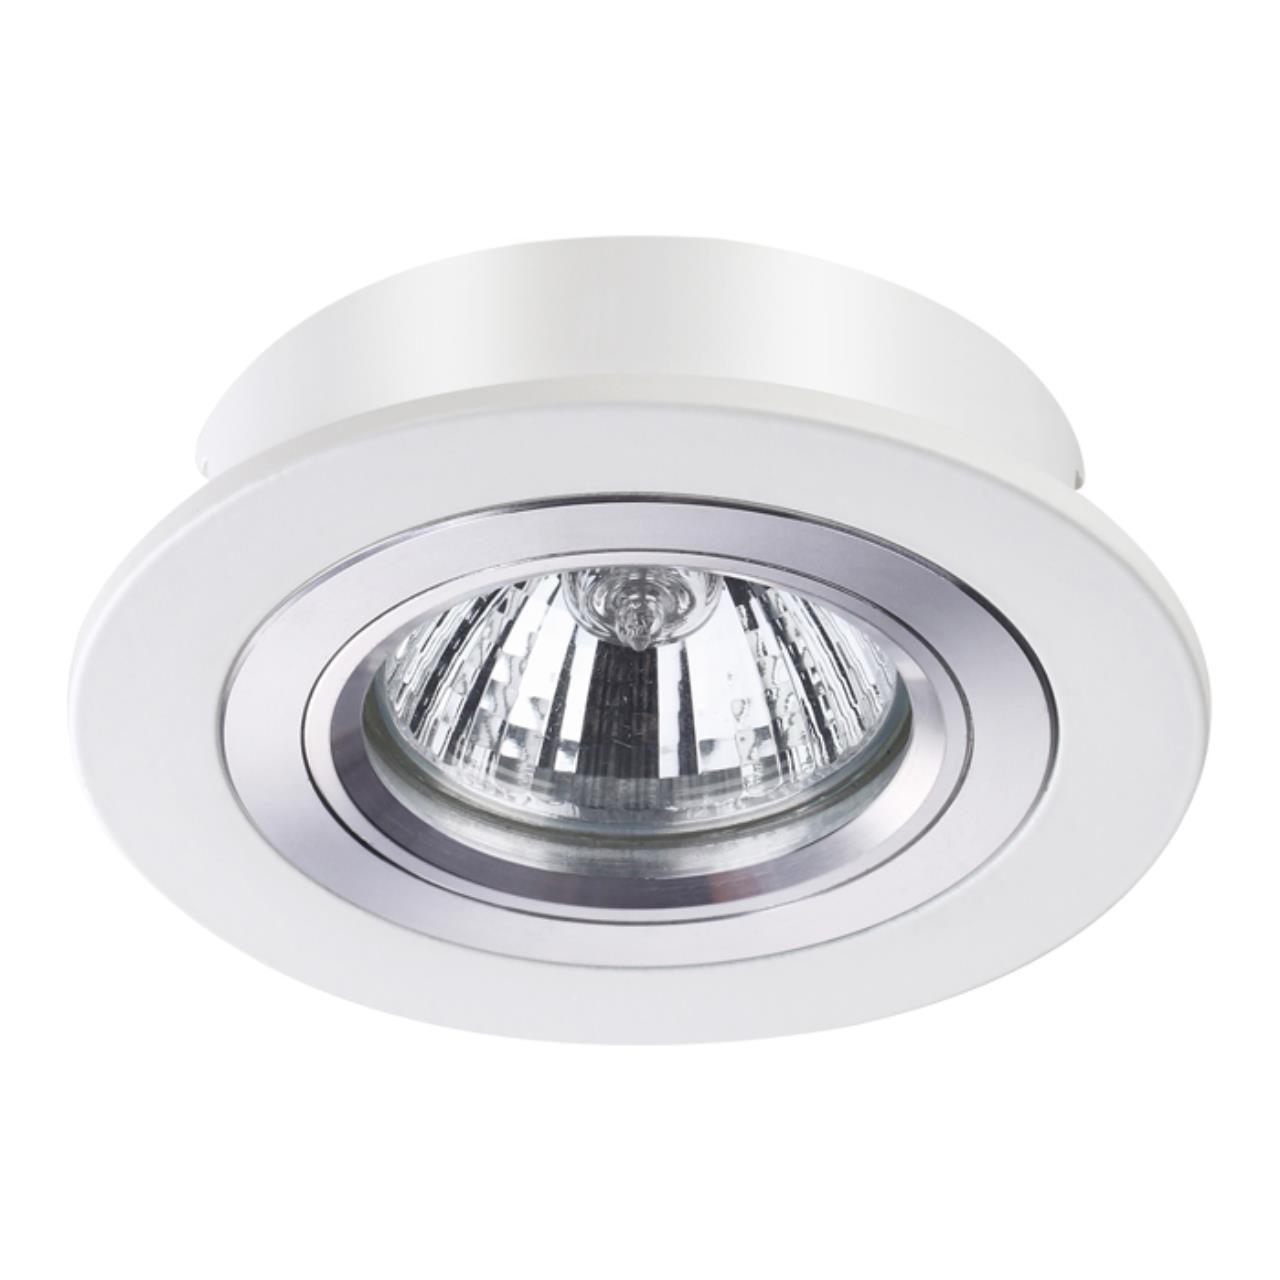 370390 SPOT NT18 130 белый Встраиваемый светильник IP20 GX5.3 50W 12V MORUS